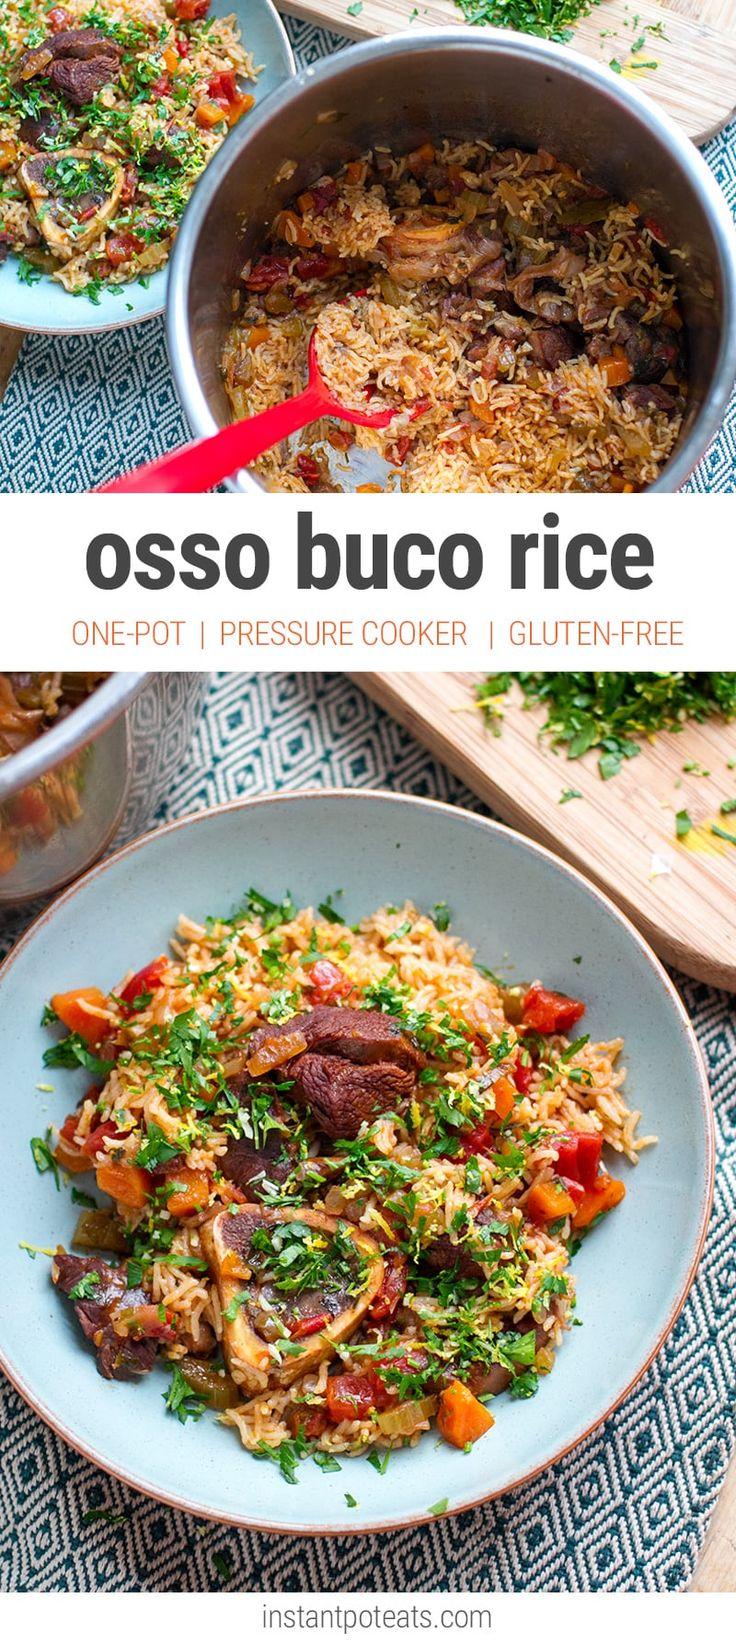 One-Pot Osso Buco Rice - Instant Pot Pressure Cooker Recipe (Gluten-Free)